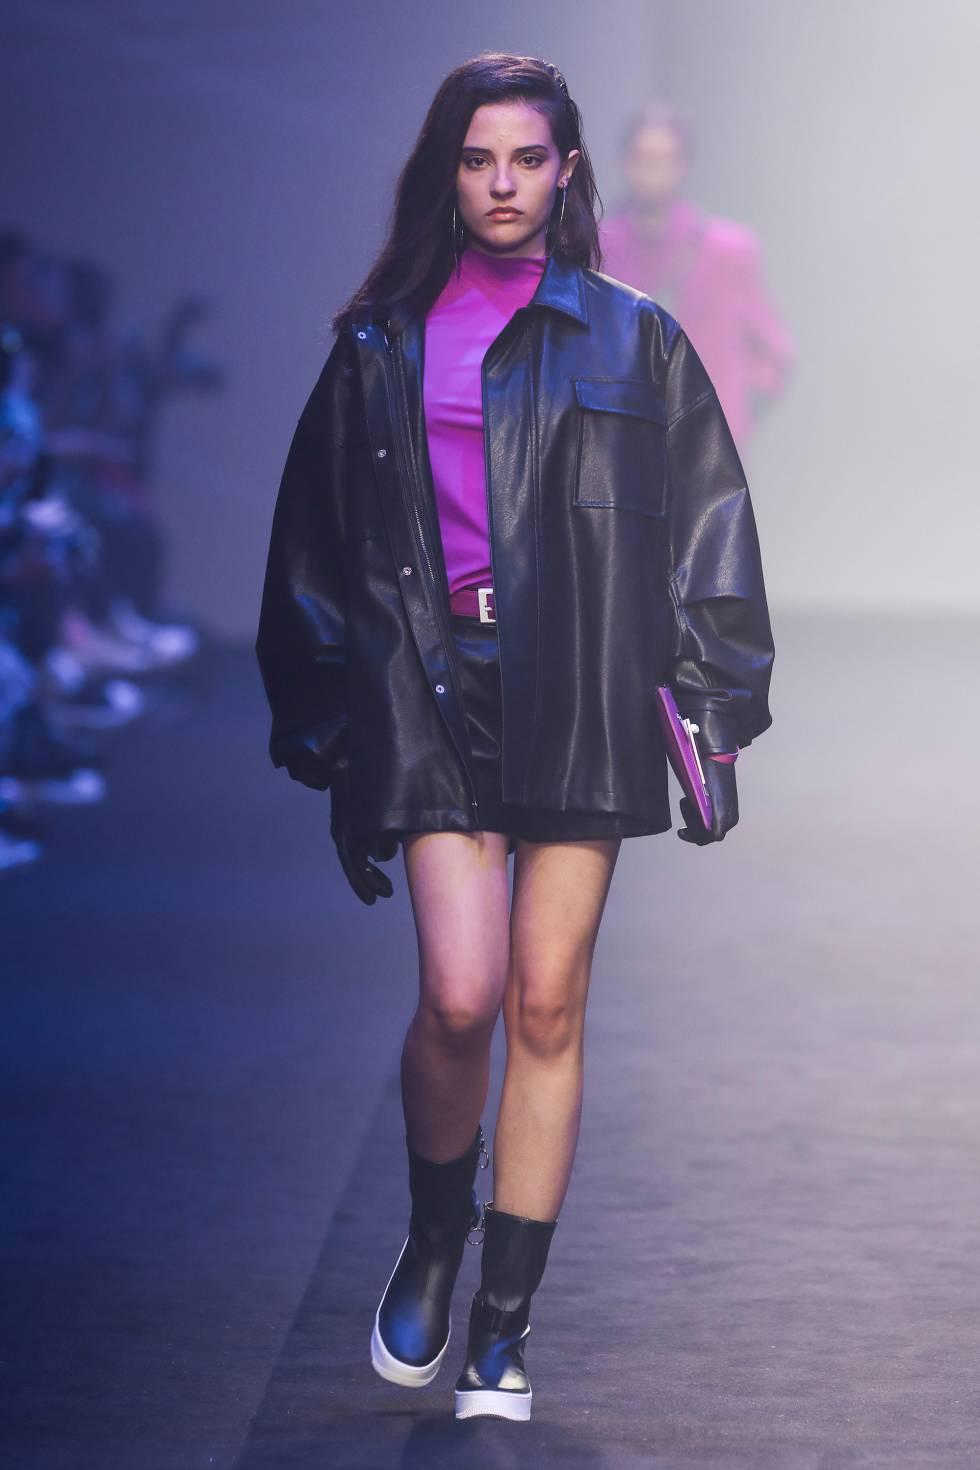 Un momento del desfile de Roaringwild durante la semana de la moda de Shanghái el pasado mayo.